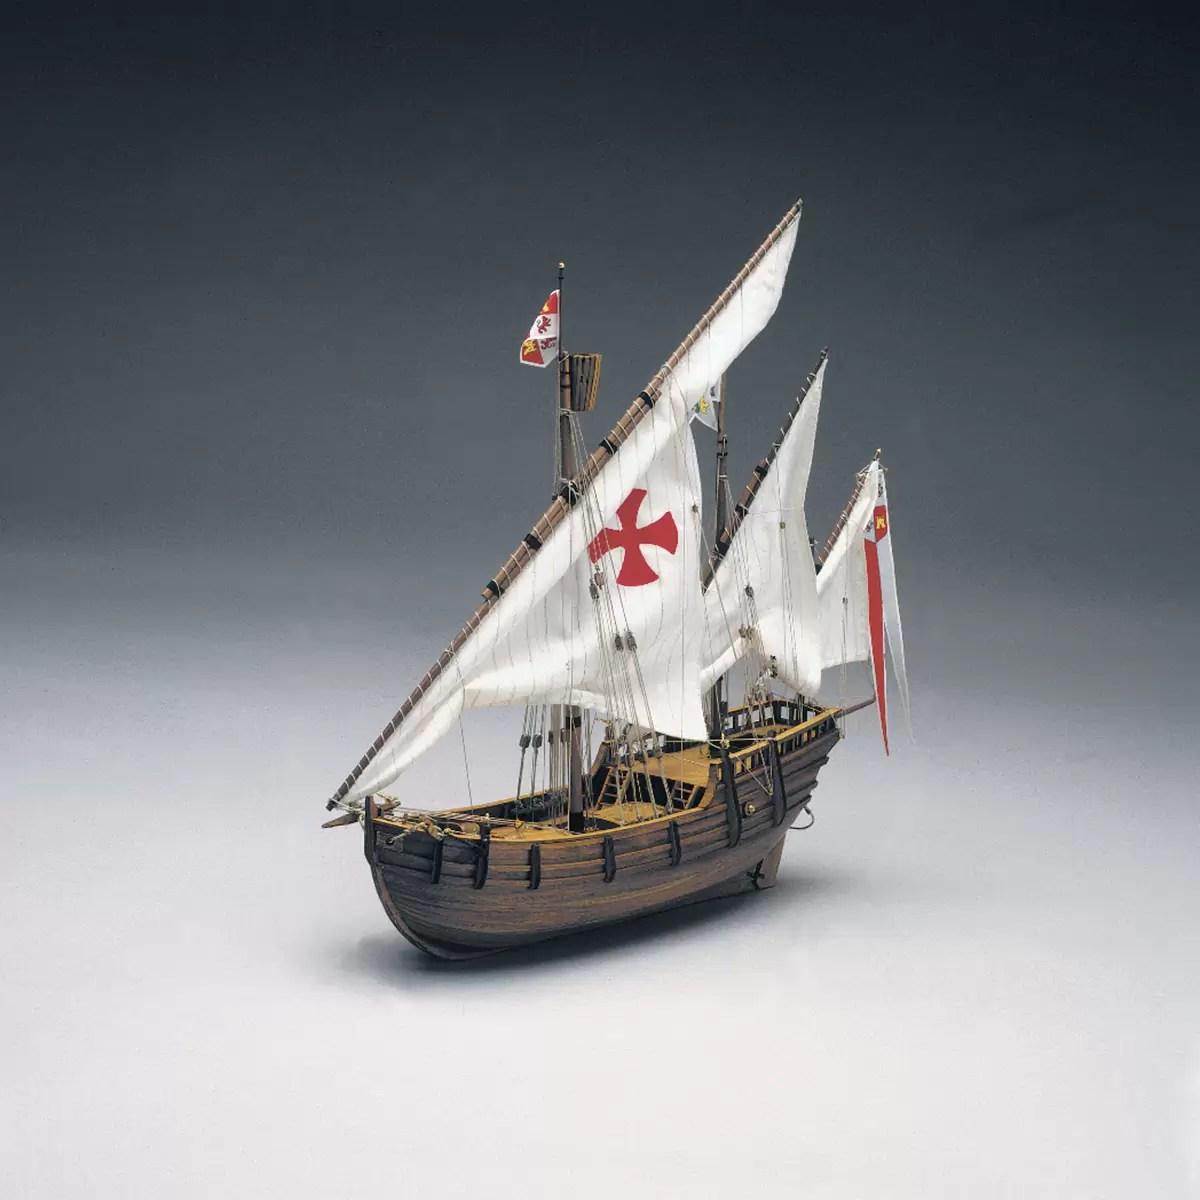 Santa Nina hajómakett építőkészlet Mantua